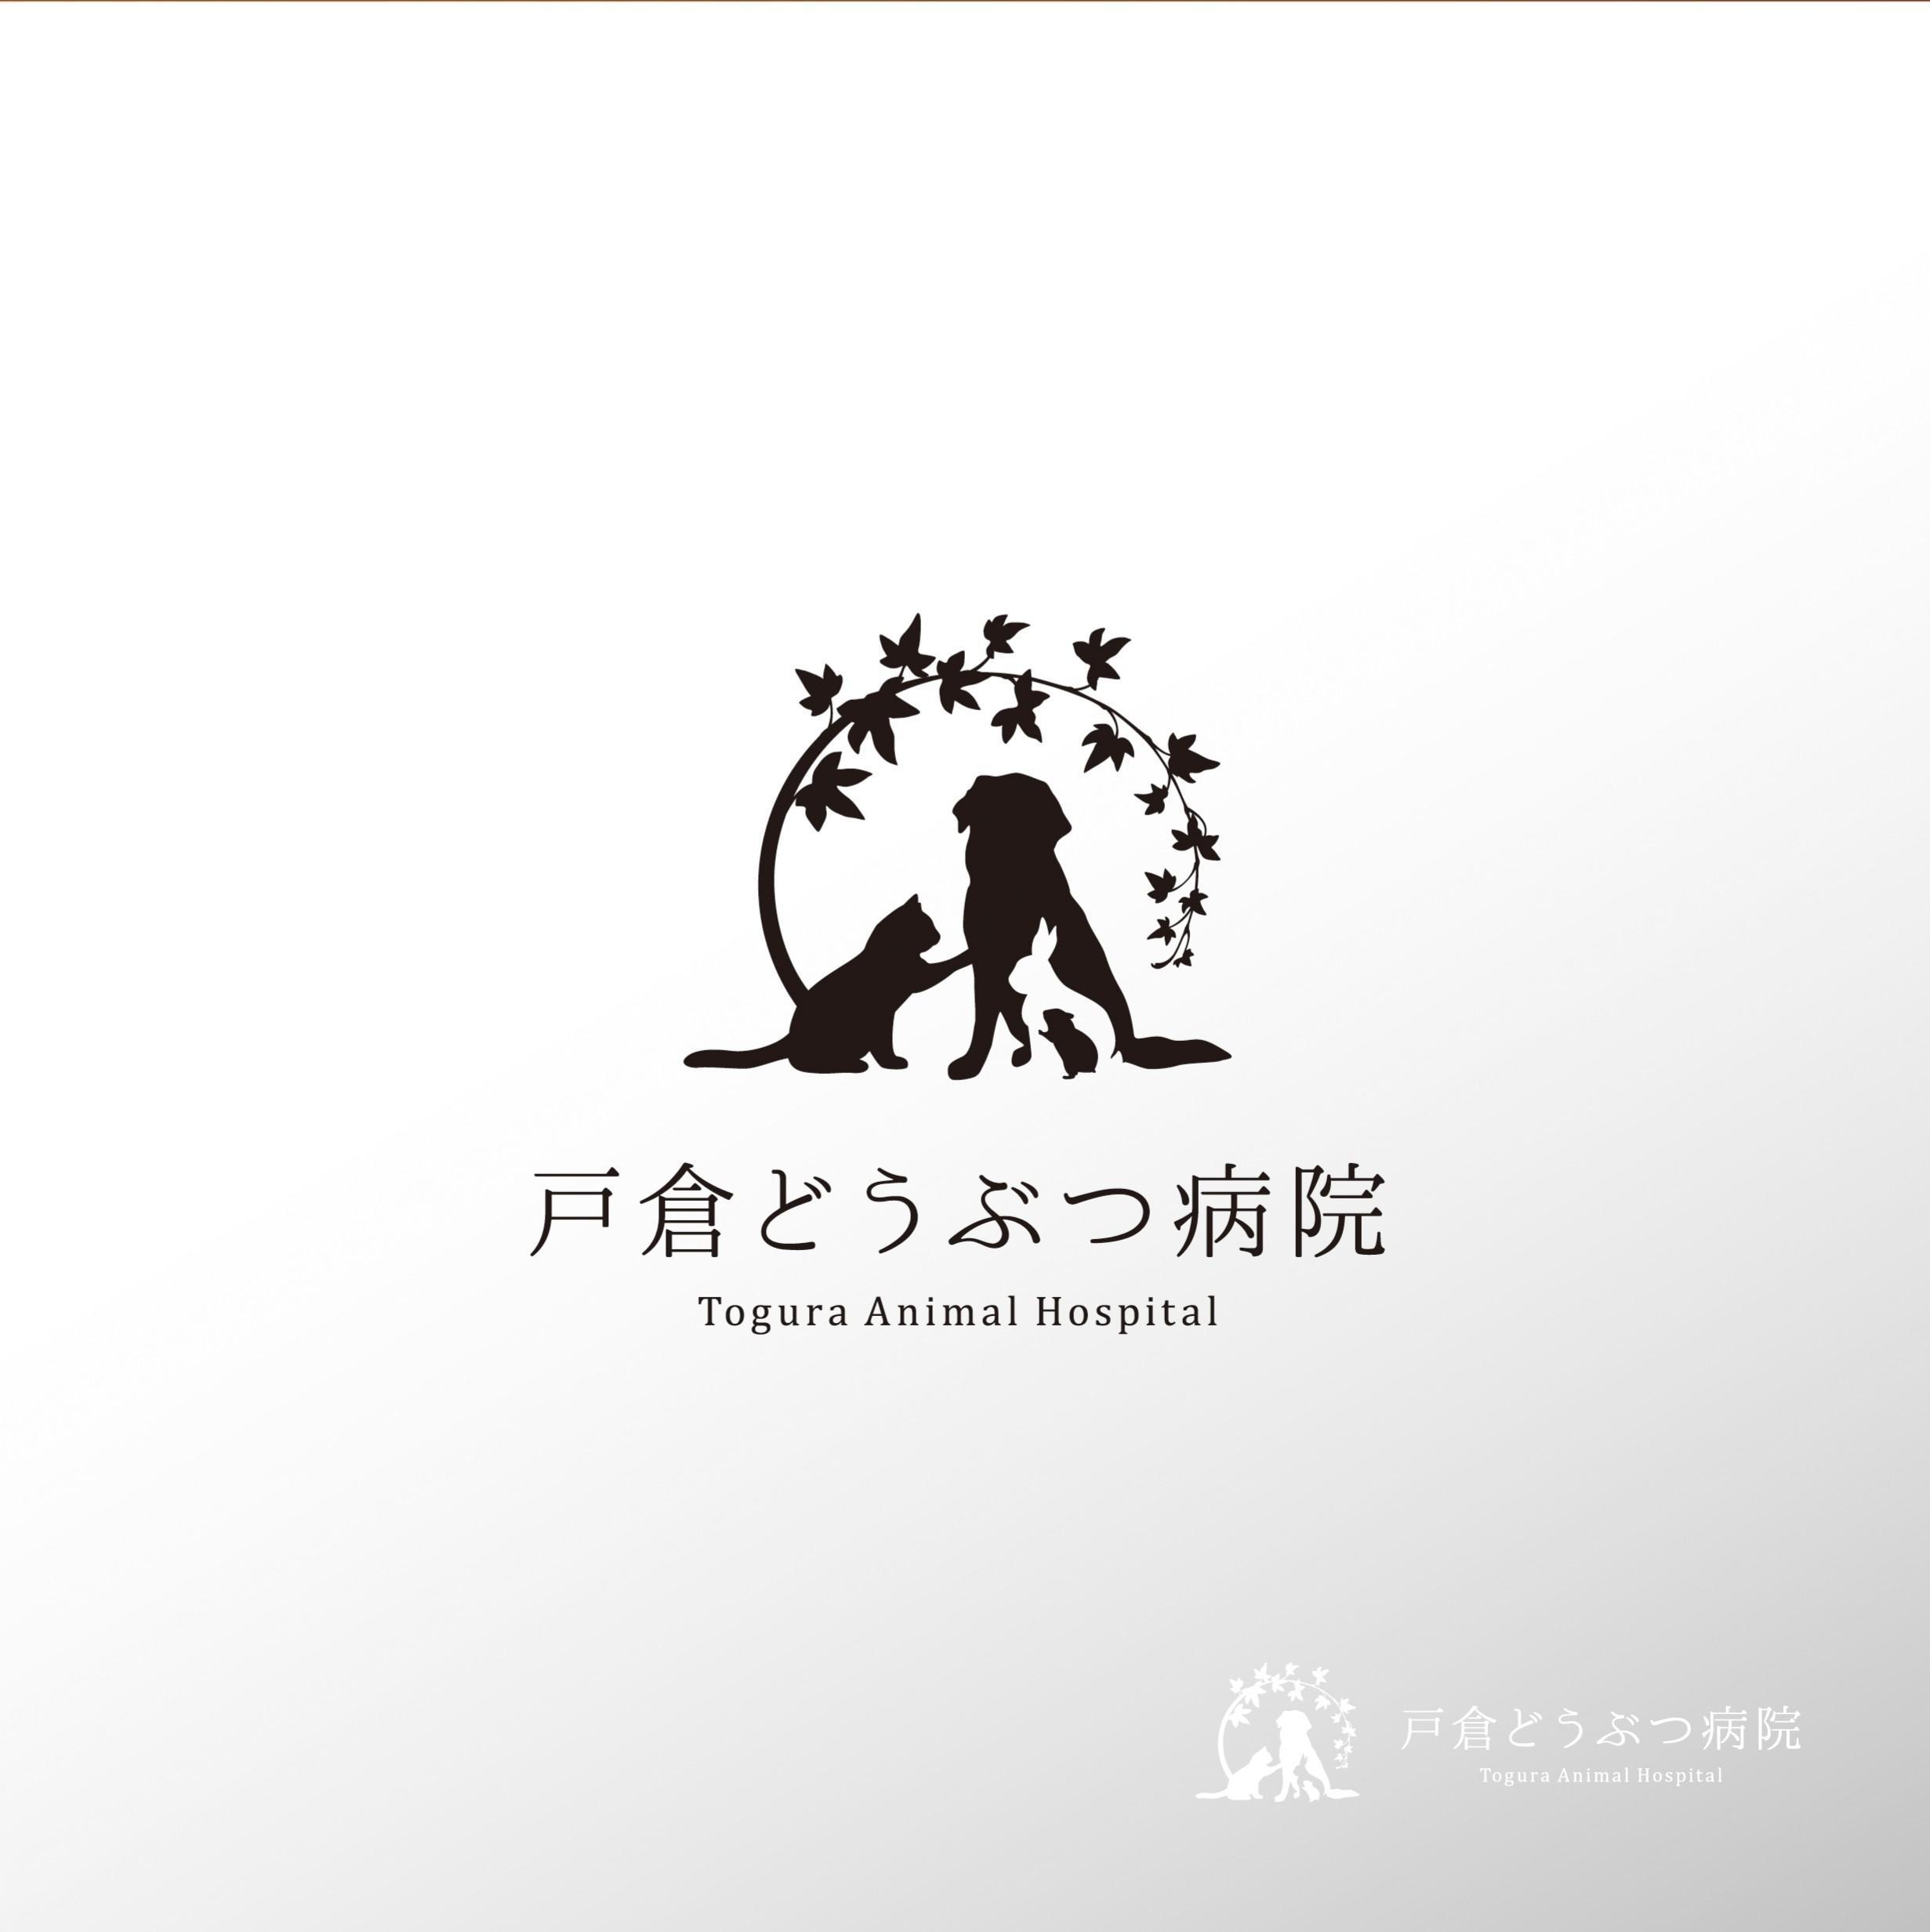 動物看護師募集!長野県千曲市に新規開院の戸倉動物病院です